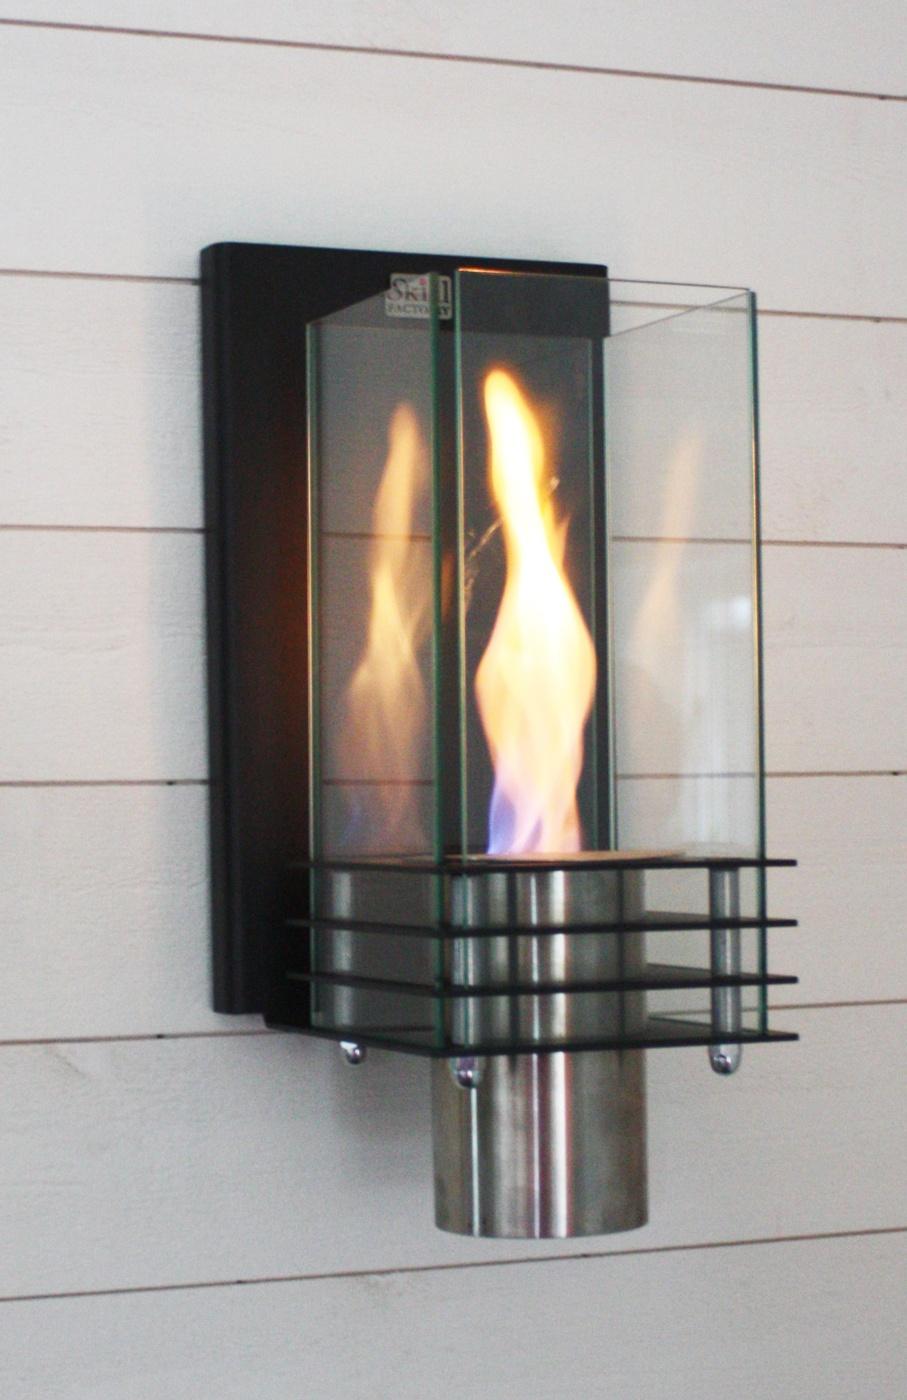 etanolspis-dekorationseld-brunnsboden-design-heminredning-accona-vagg3